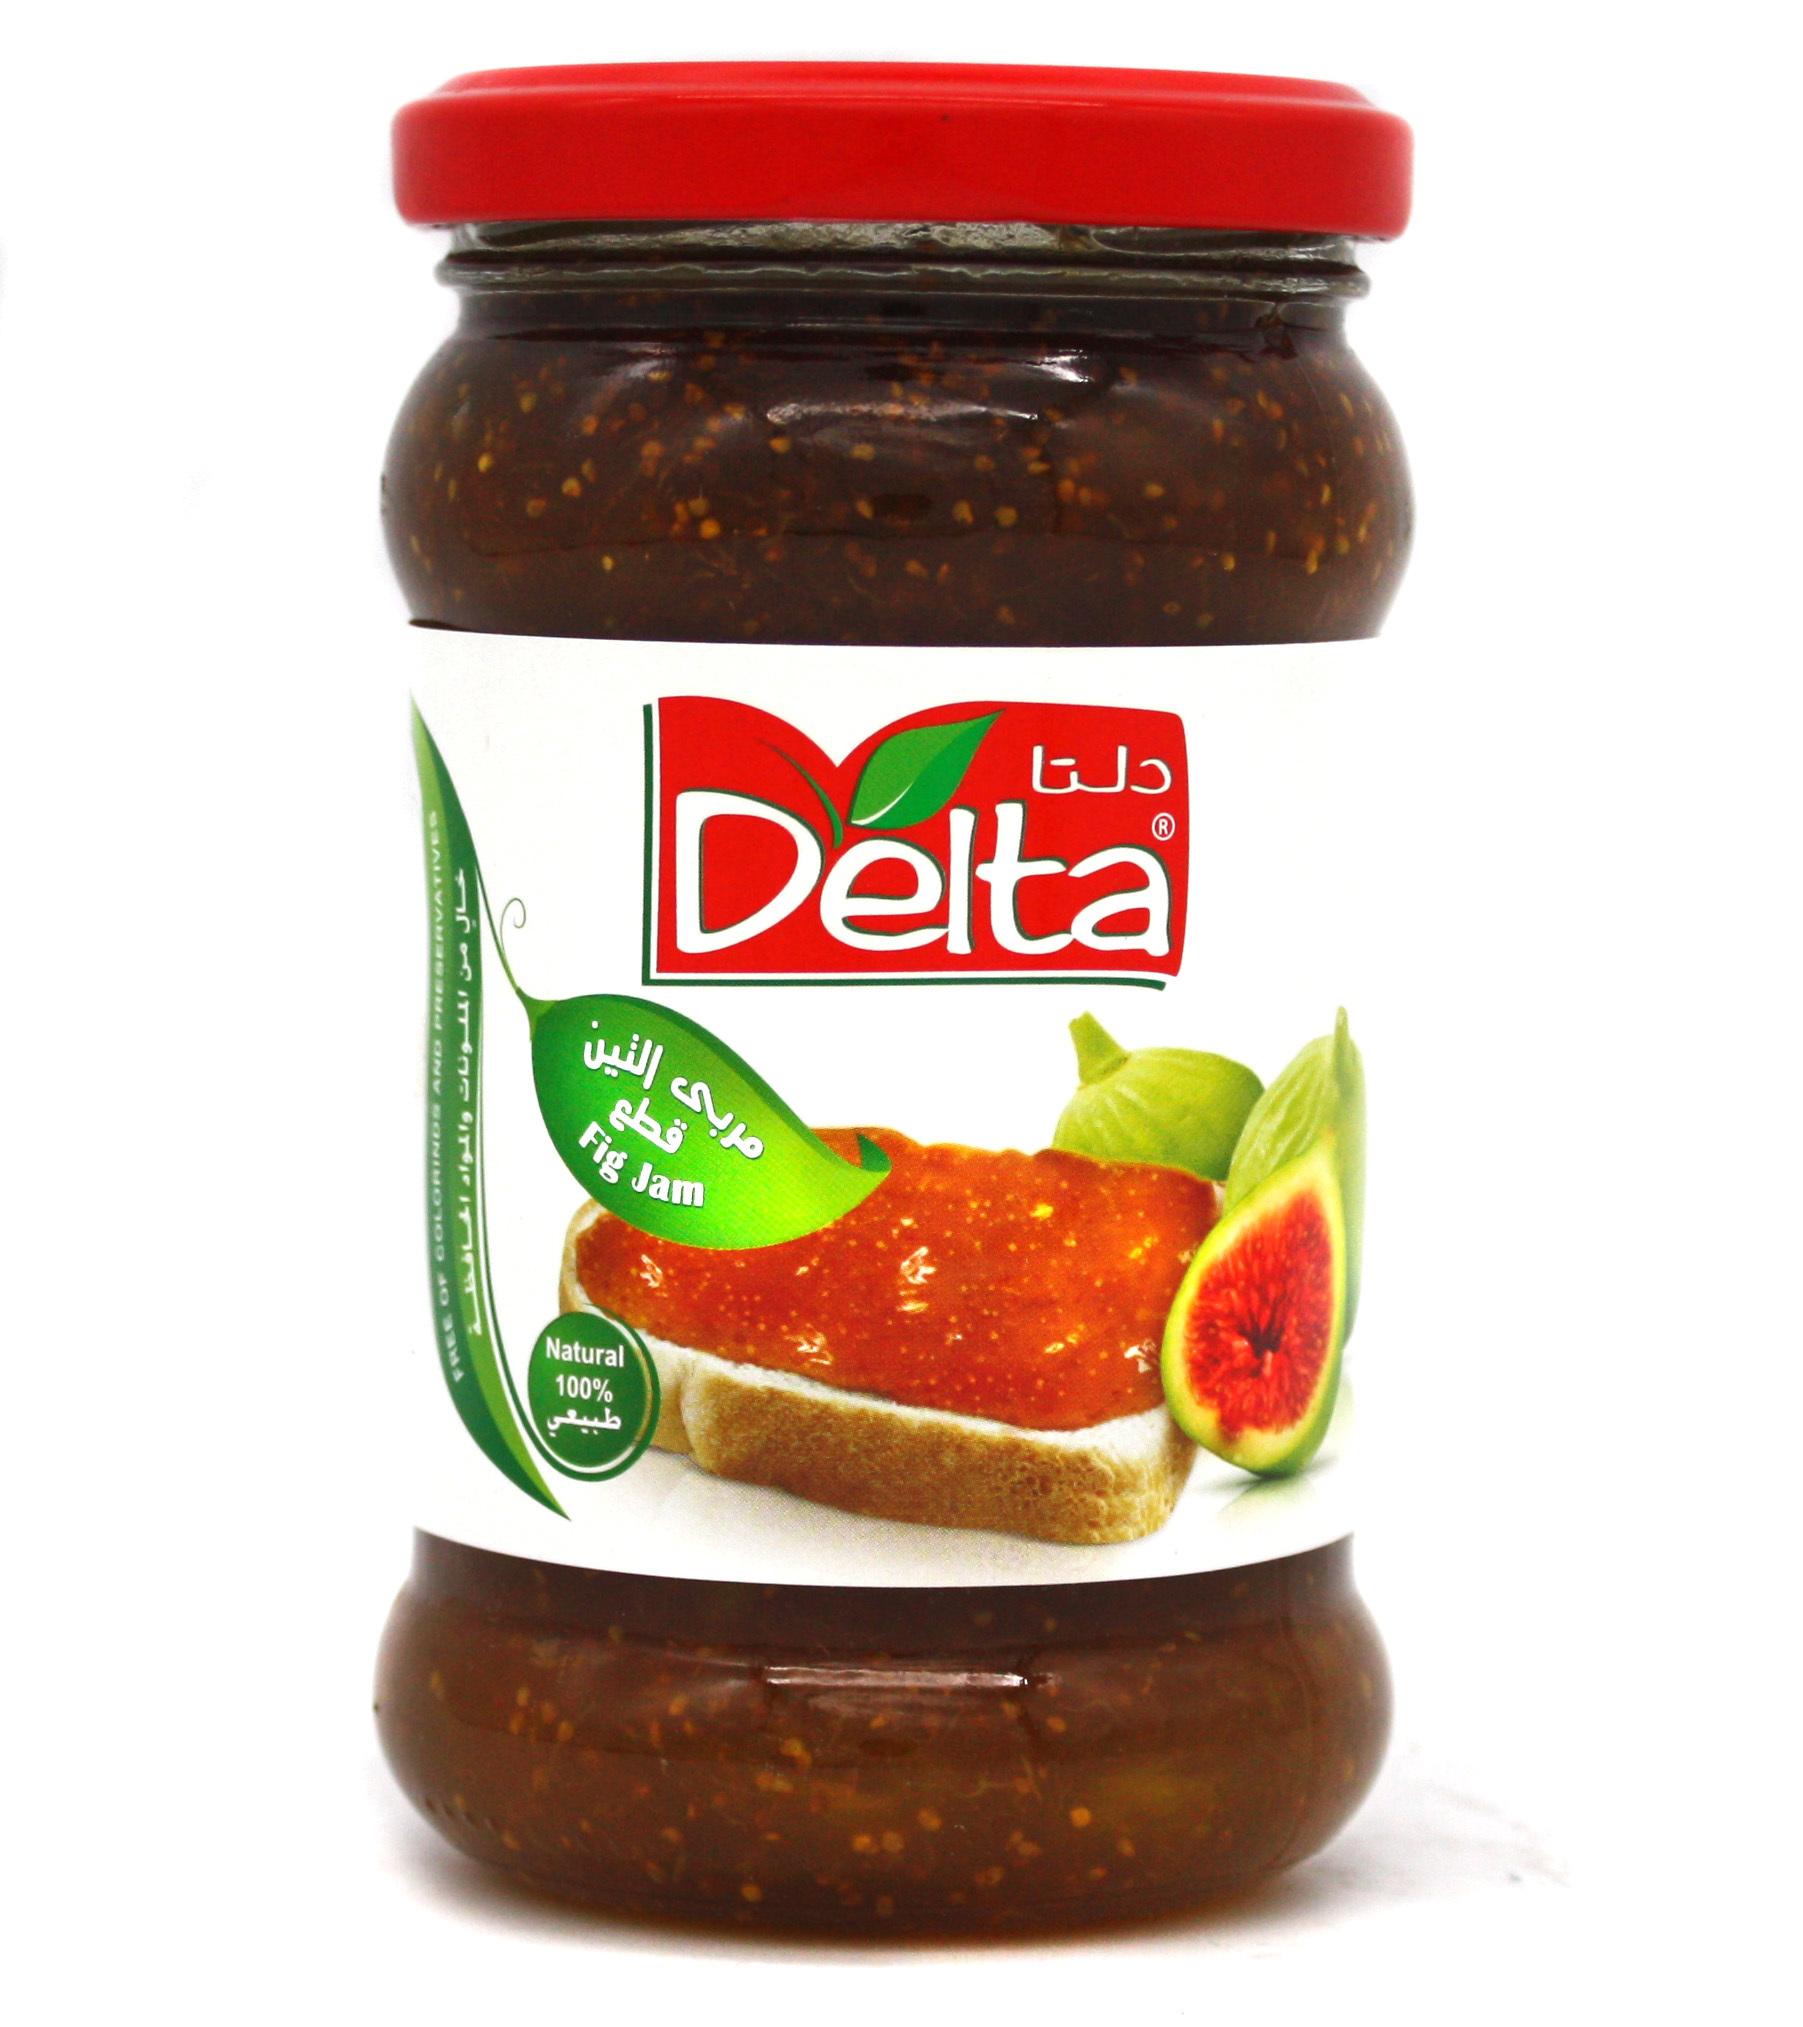 Джем инжирный, Delta, 350 г import_files_21_21eb4e2156b411e9a9ac484d7ecee297_c2ddc13f5ad211e9a9ac484d7ecee297.jpg